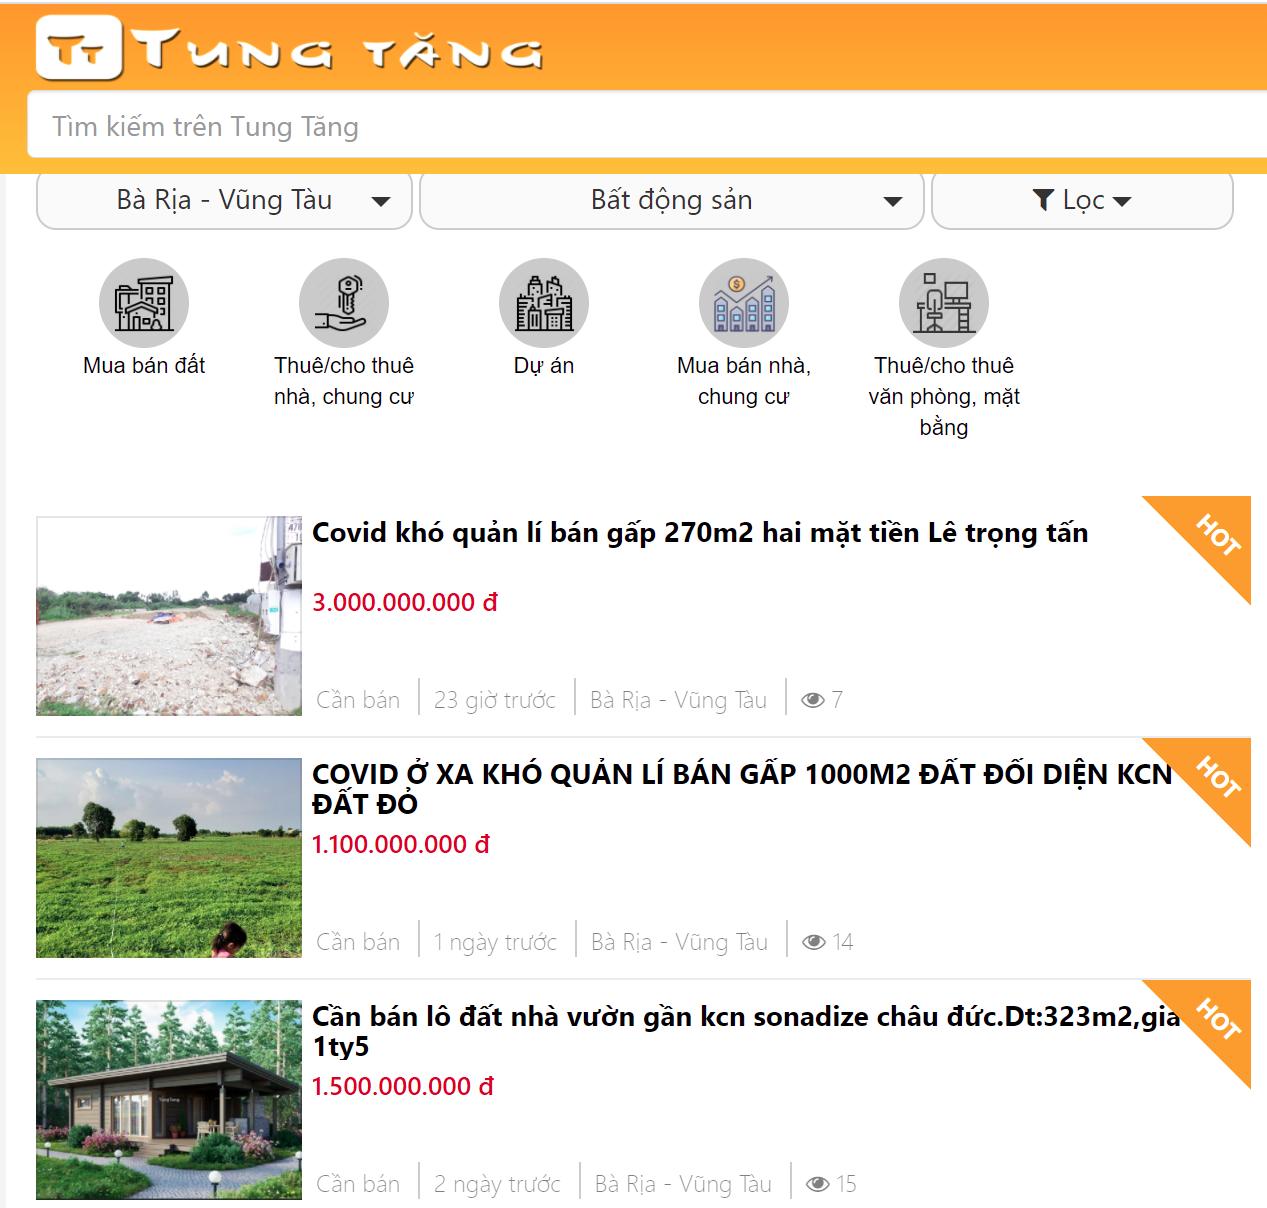 Kênh rao vặt Bà Rịa - Vũng Tàu mua bán nhà đất triệu người xem